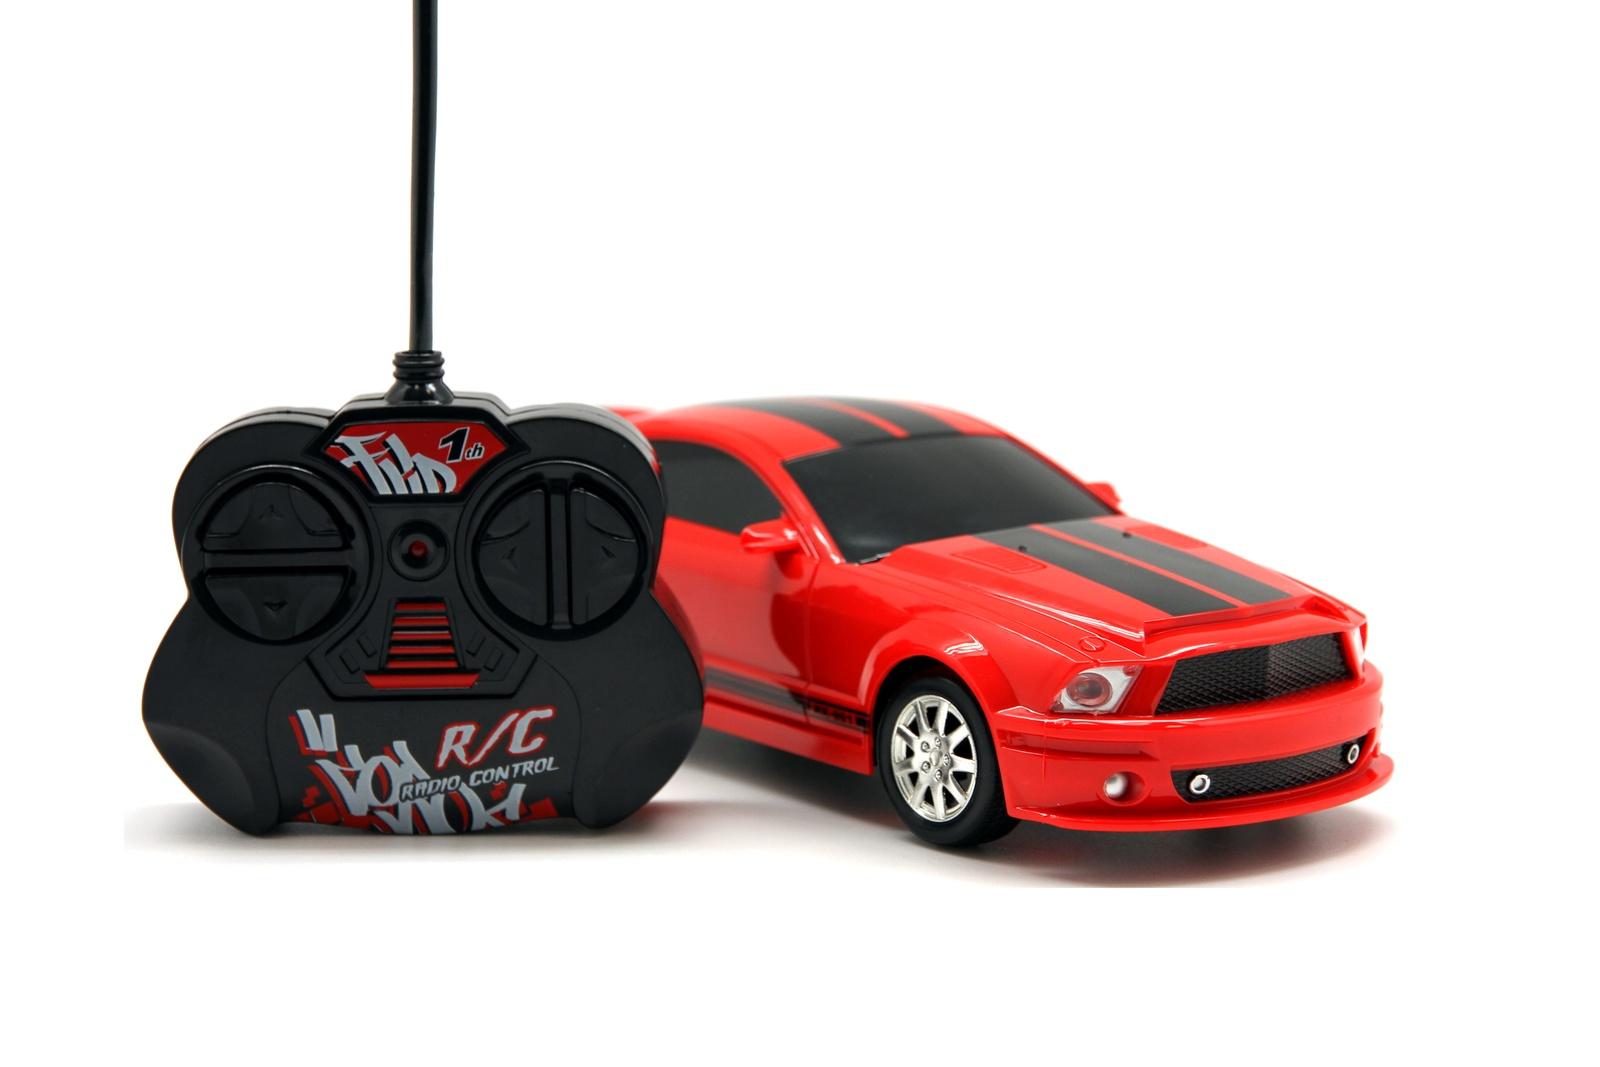 Машинка радиоуправляемая Balbi RCS-2001B, A0G1081633 красный, черный автомобиль balbi автомобиль черный от 5 лет пластик металл rcs 2401 a